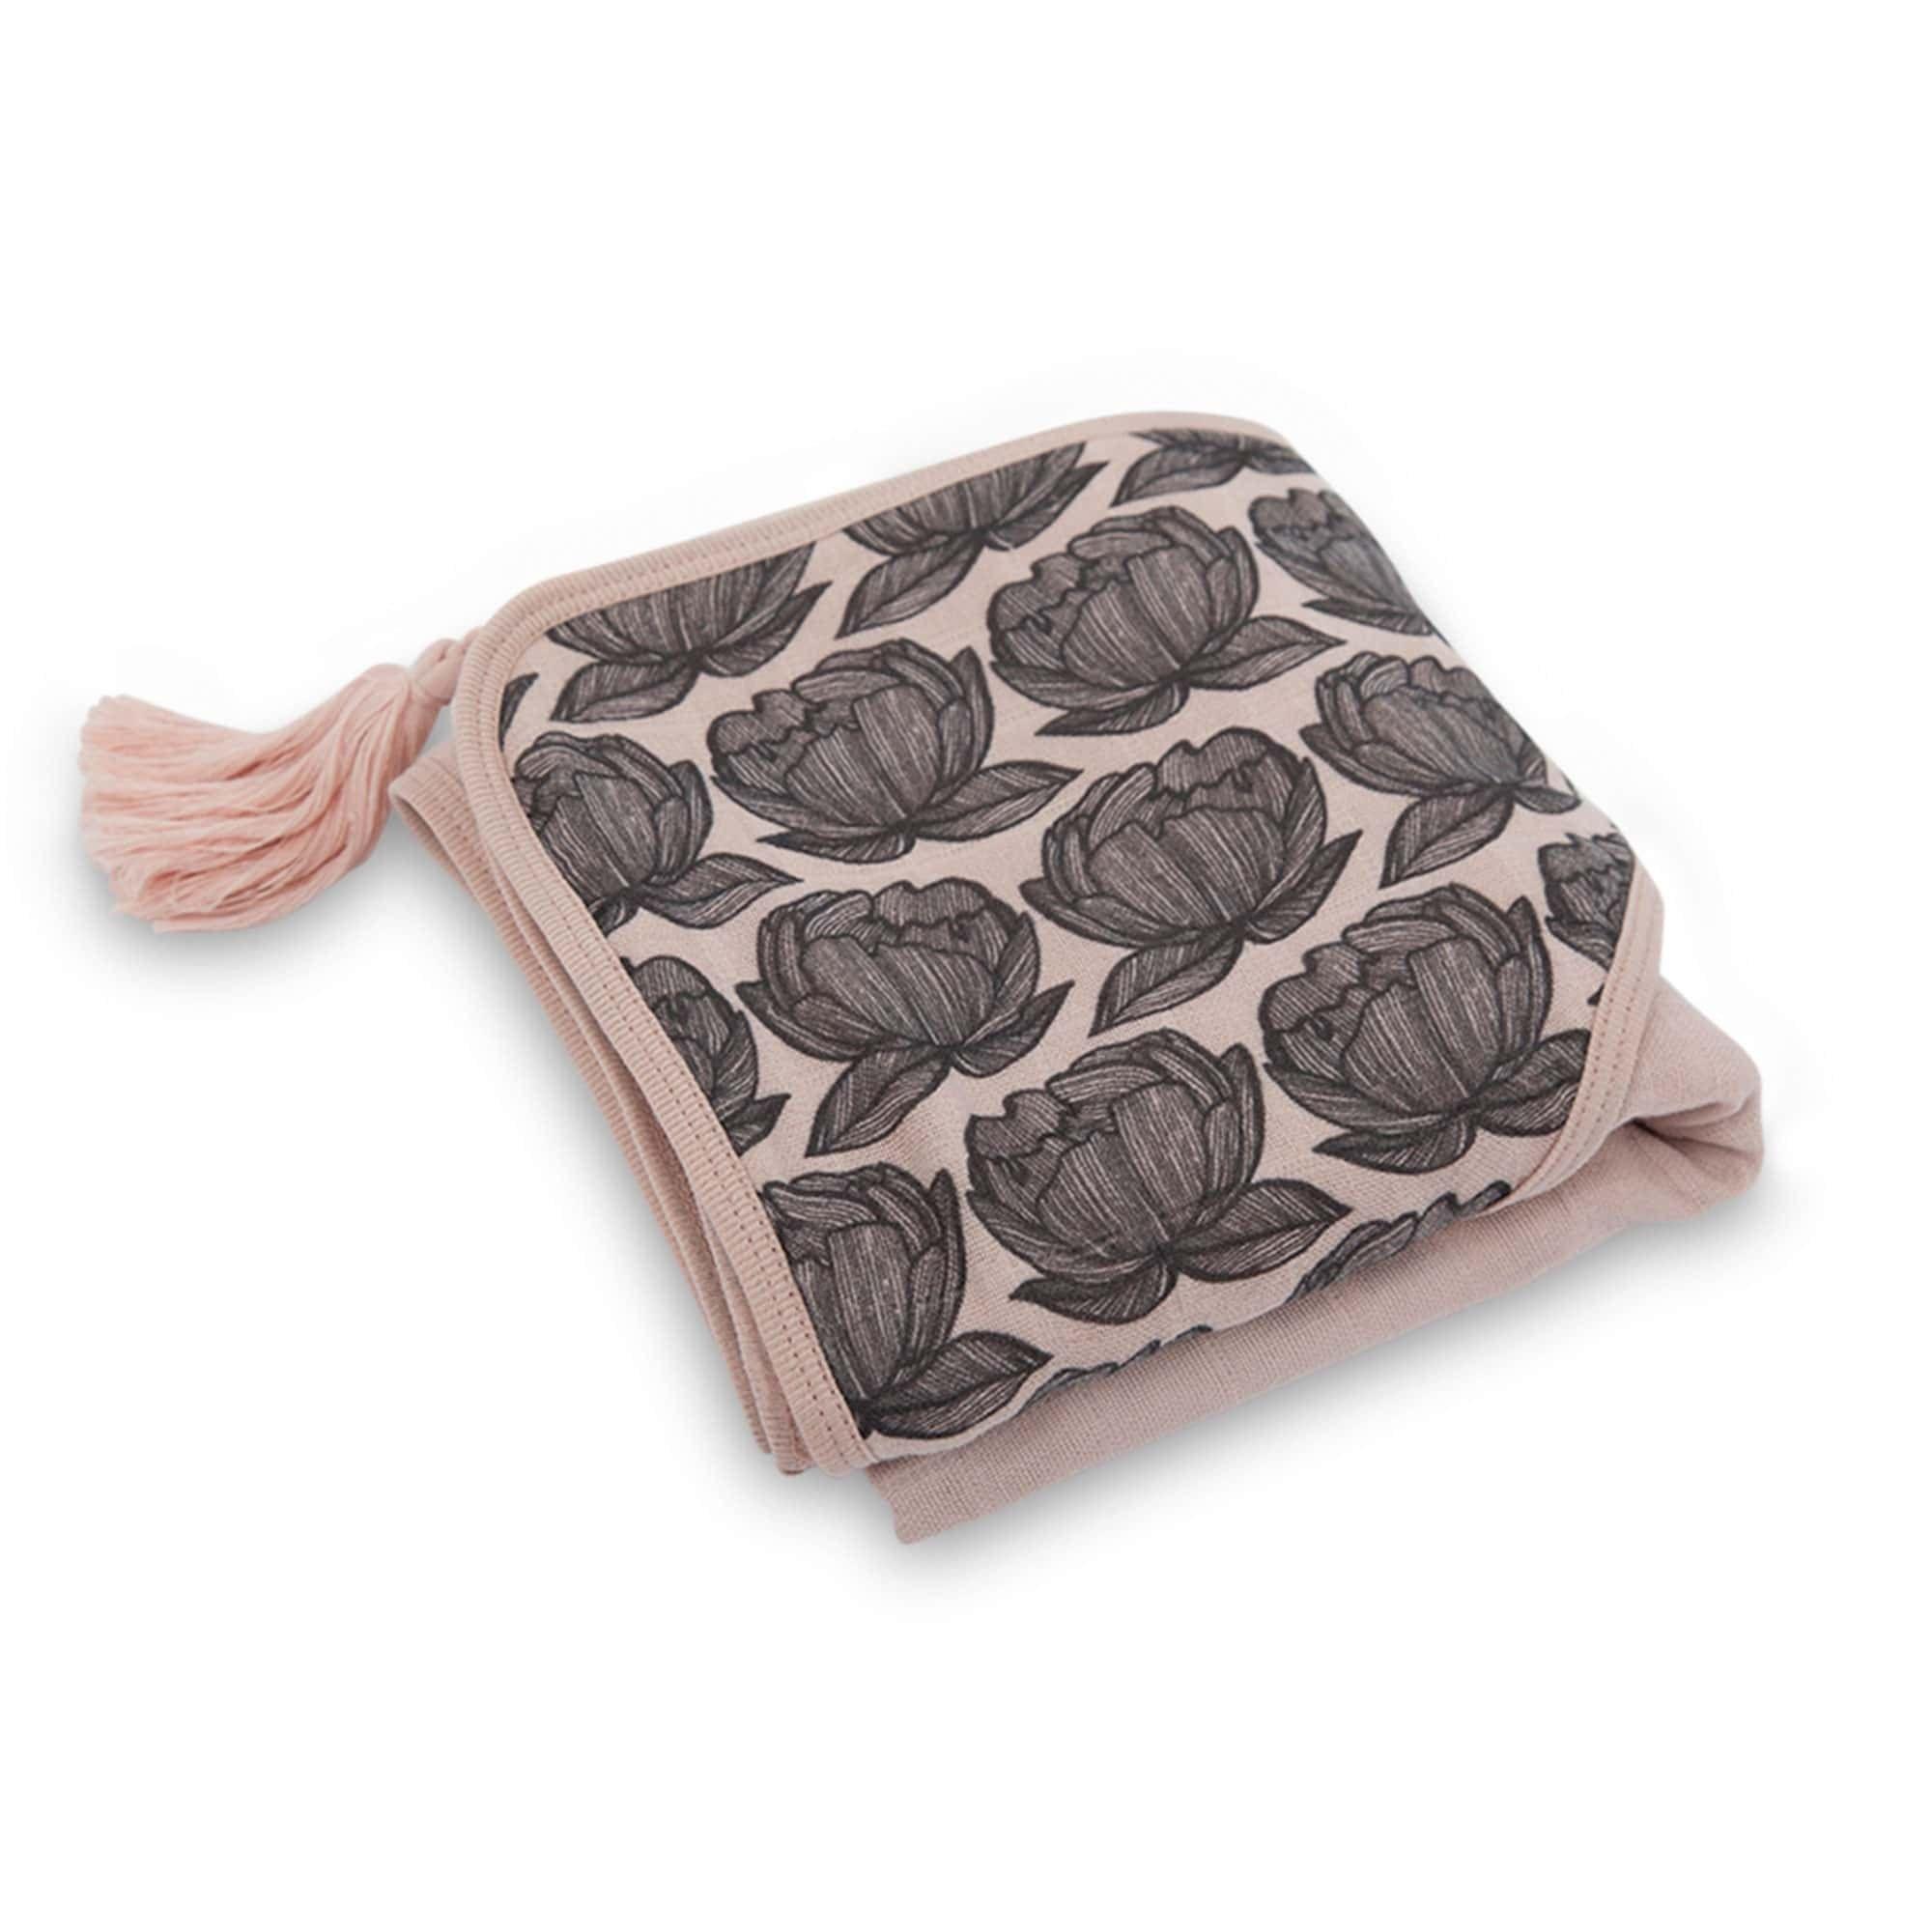 Sybel cappuccio per rosa con Asciugamano Moumout fatto Pivoines di bagno sbiadito il A4Uwtdq0